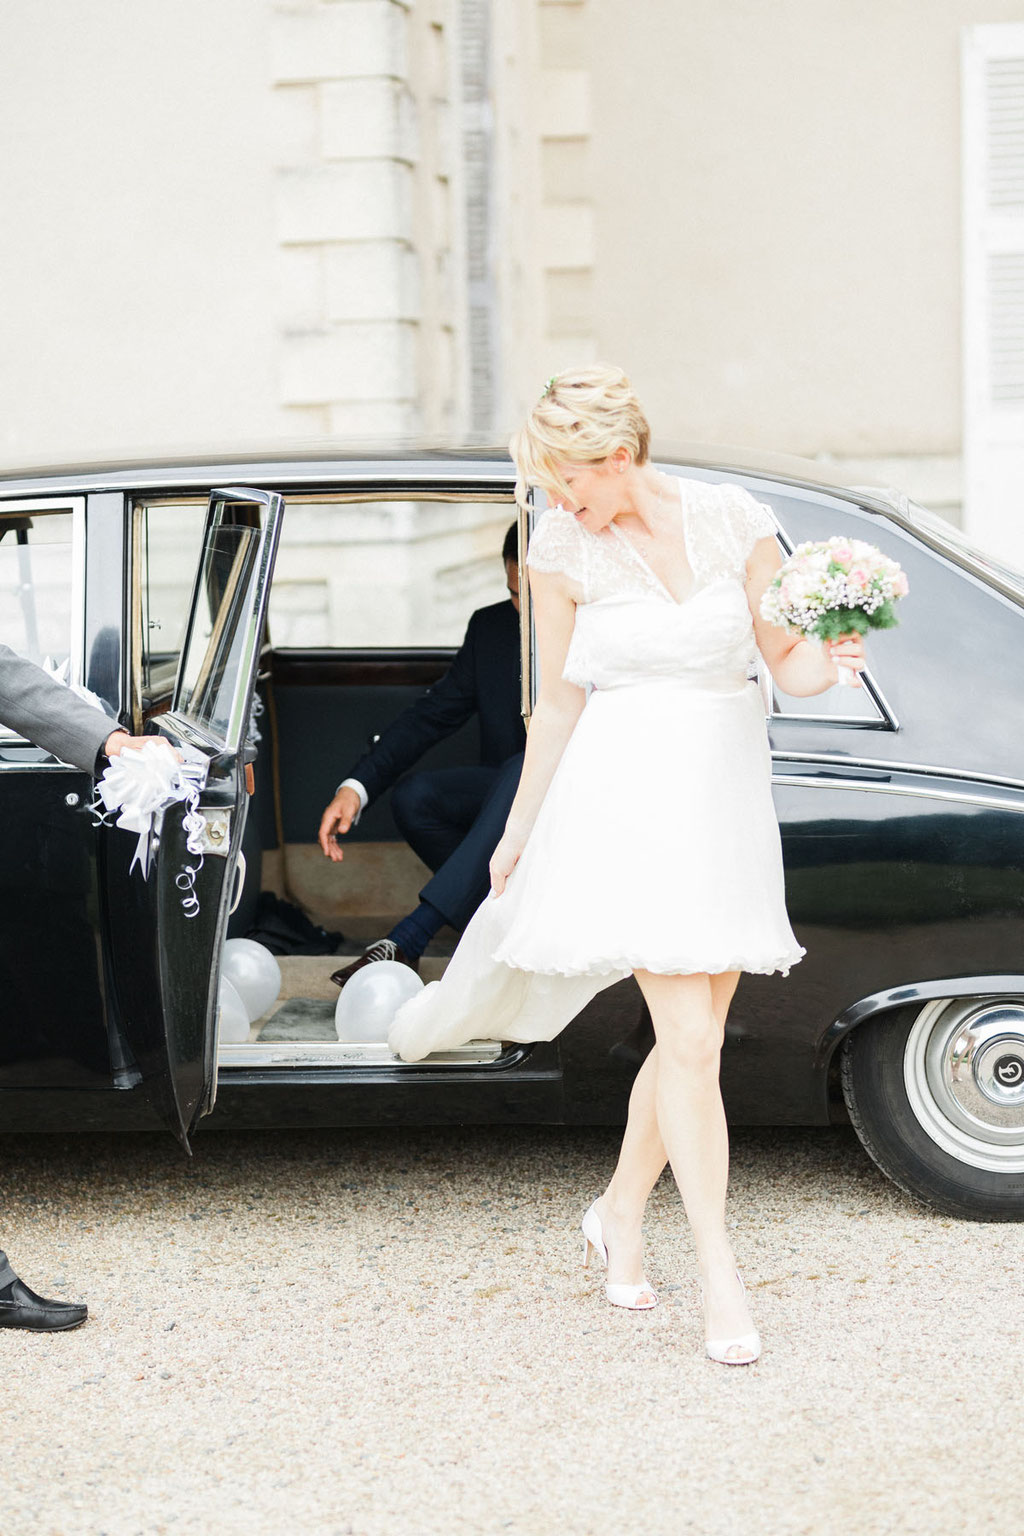 mariage  château cop-choux  mouzeil romantique photographe orlane boisard